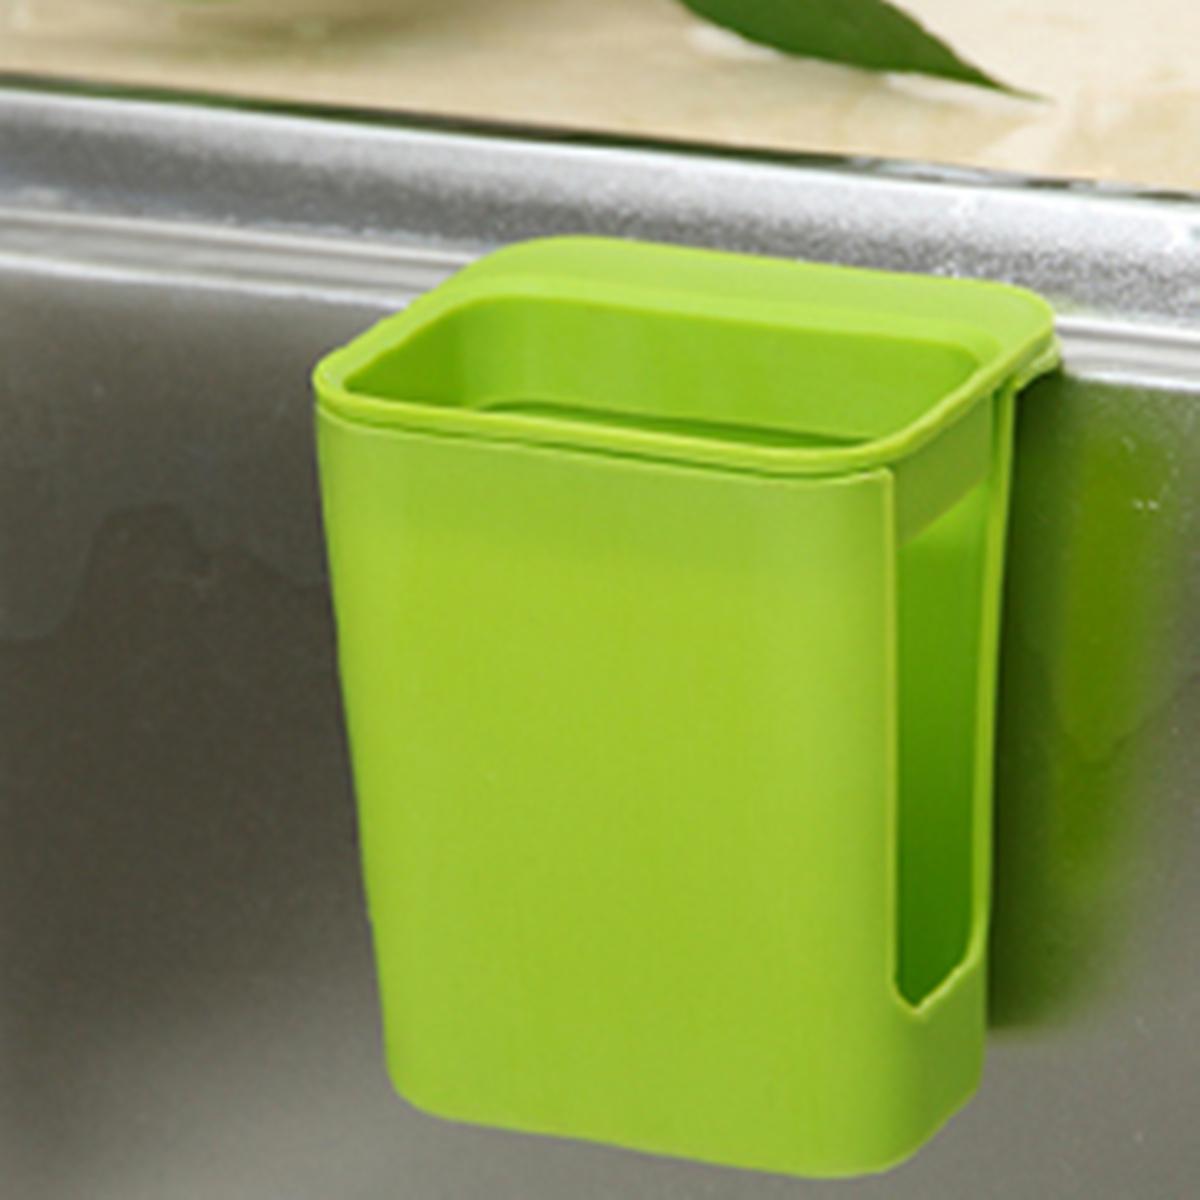 gouttoir panier support porte eponge rangement ventouse cuisine salle de bain ebay. Black Bedroom Furniture Sets. Home Design Ideas